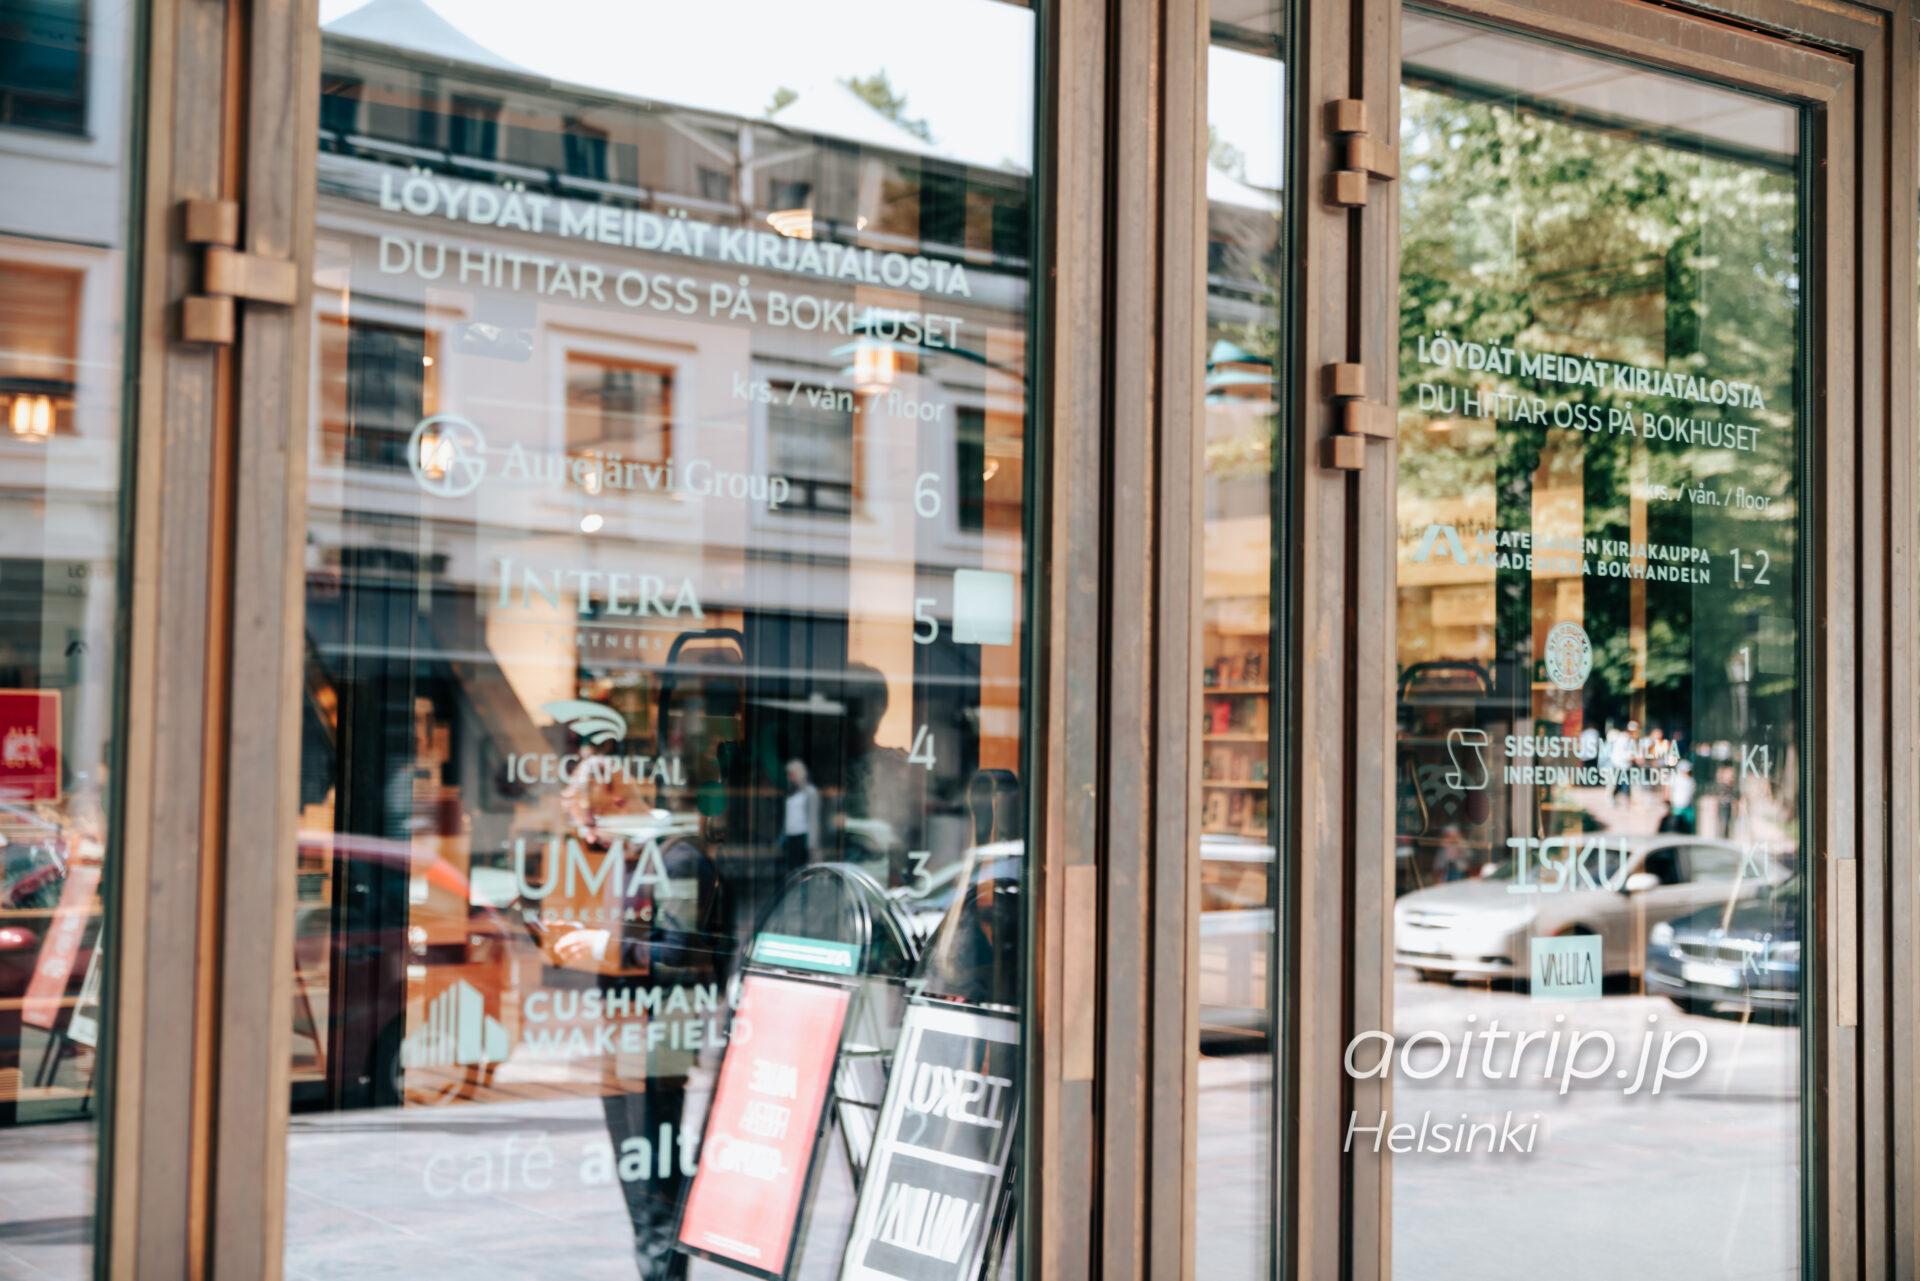 ヘルシンキのアカデミア書店 入り口のドア